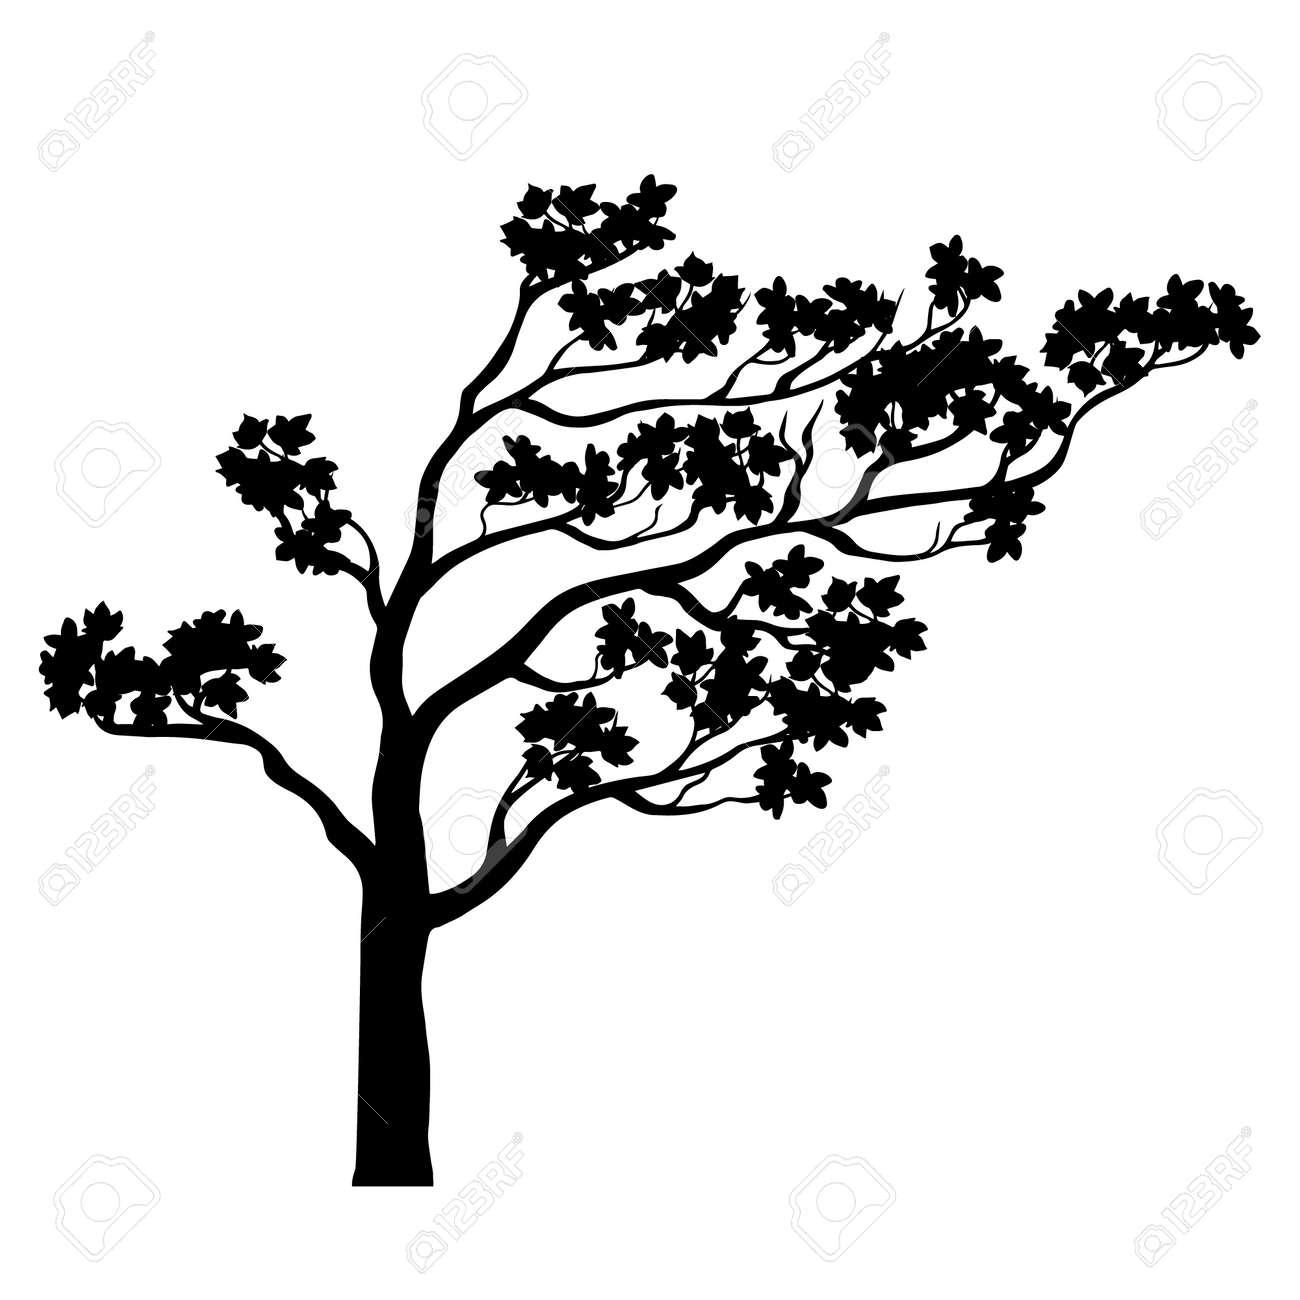 Silueta Del árbol De Sakura Esquema Aislado En Blanco Y Negro Un